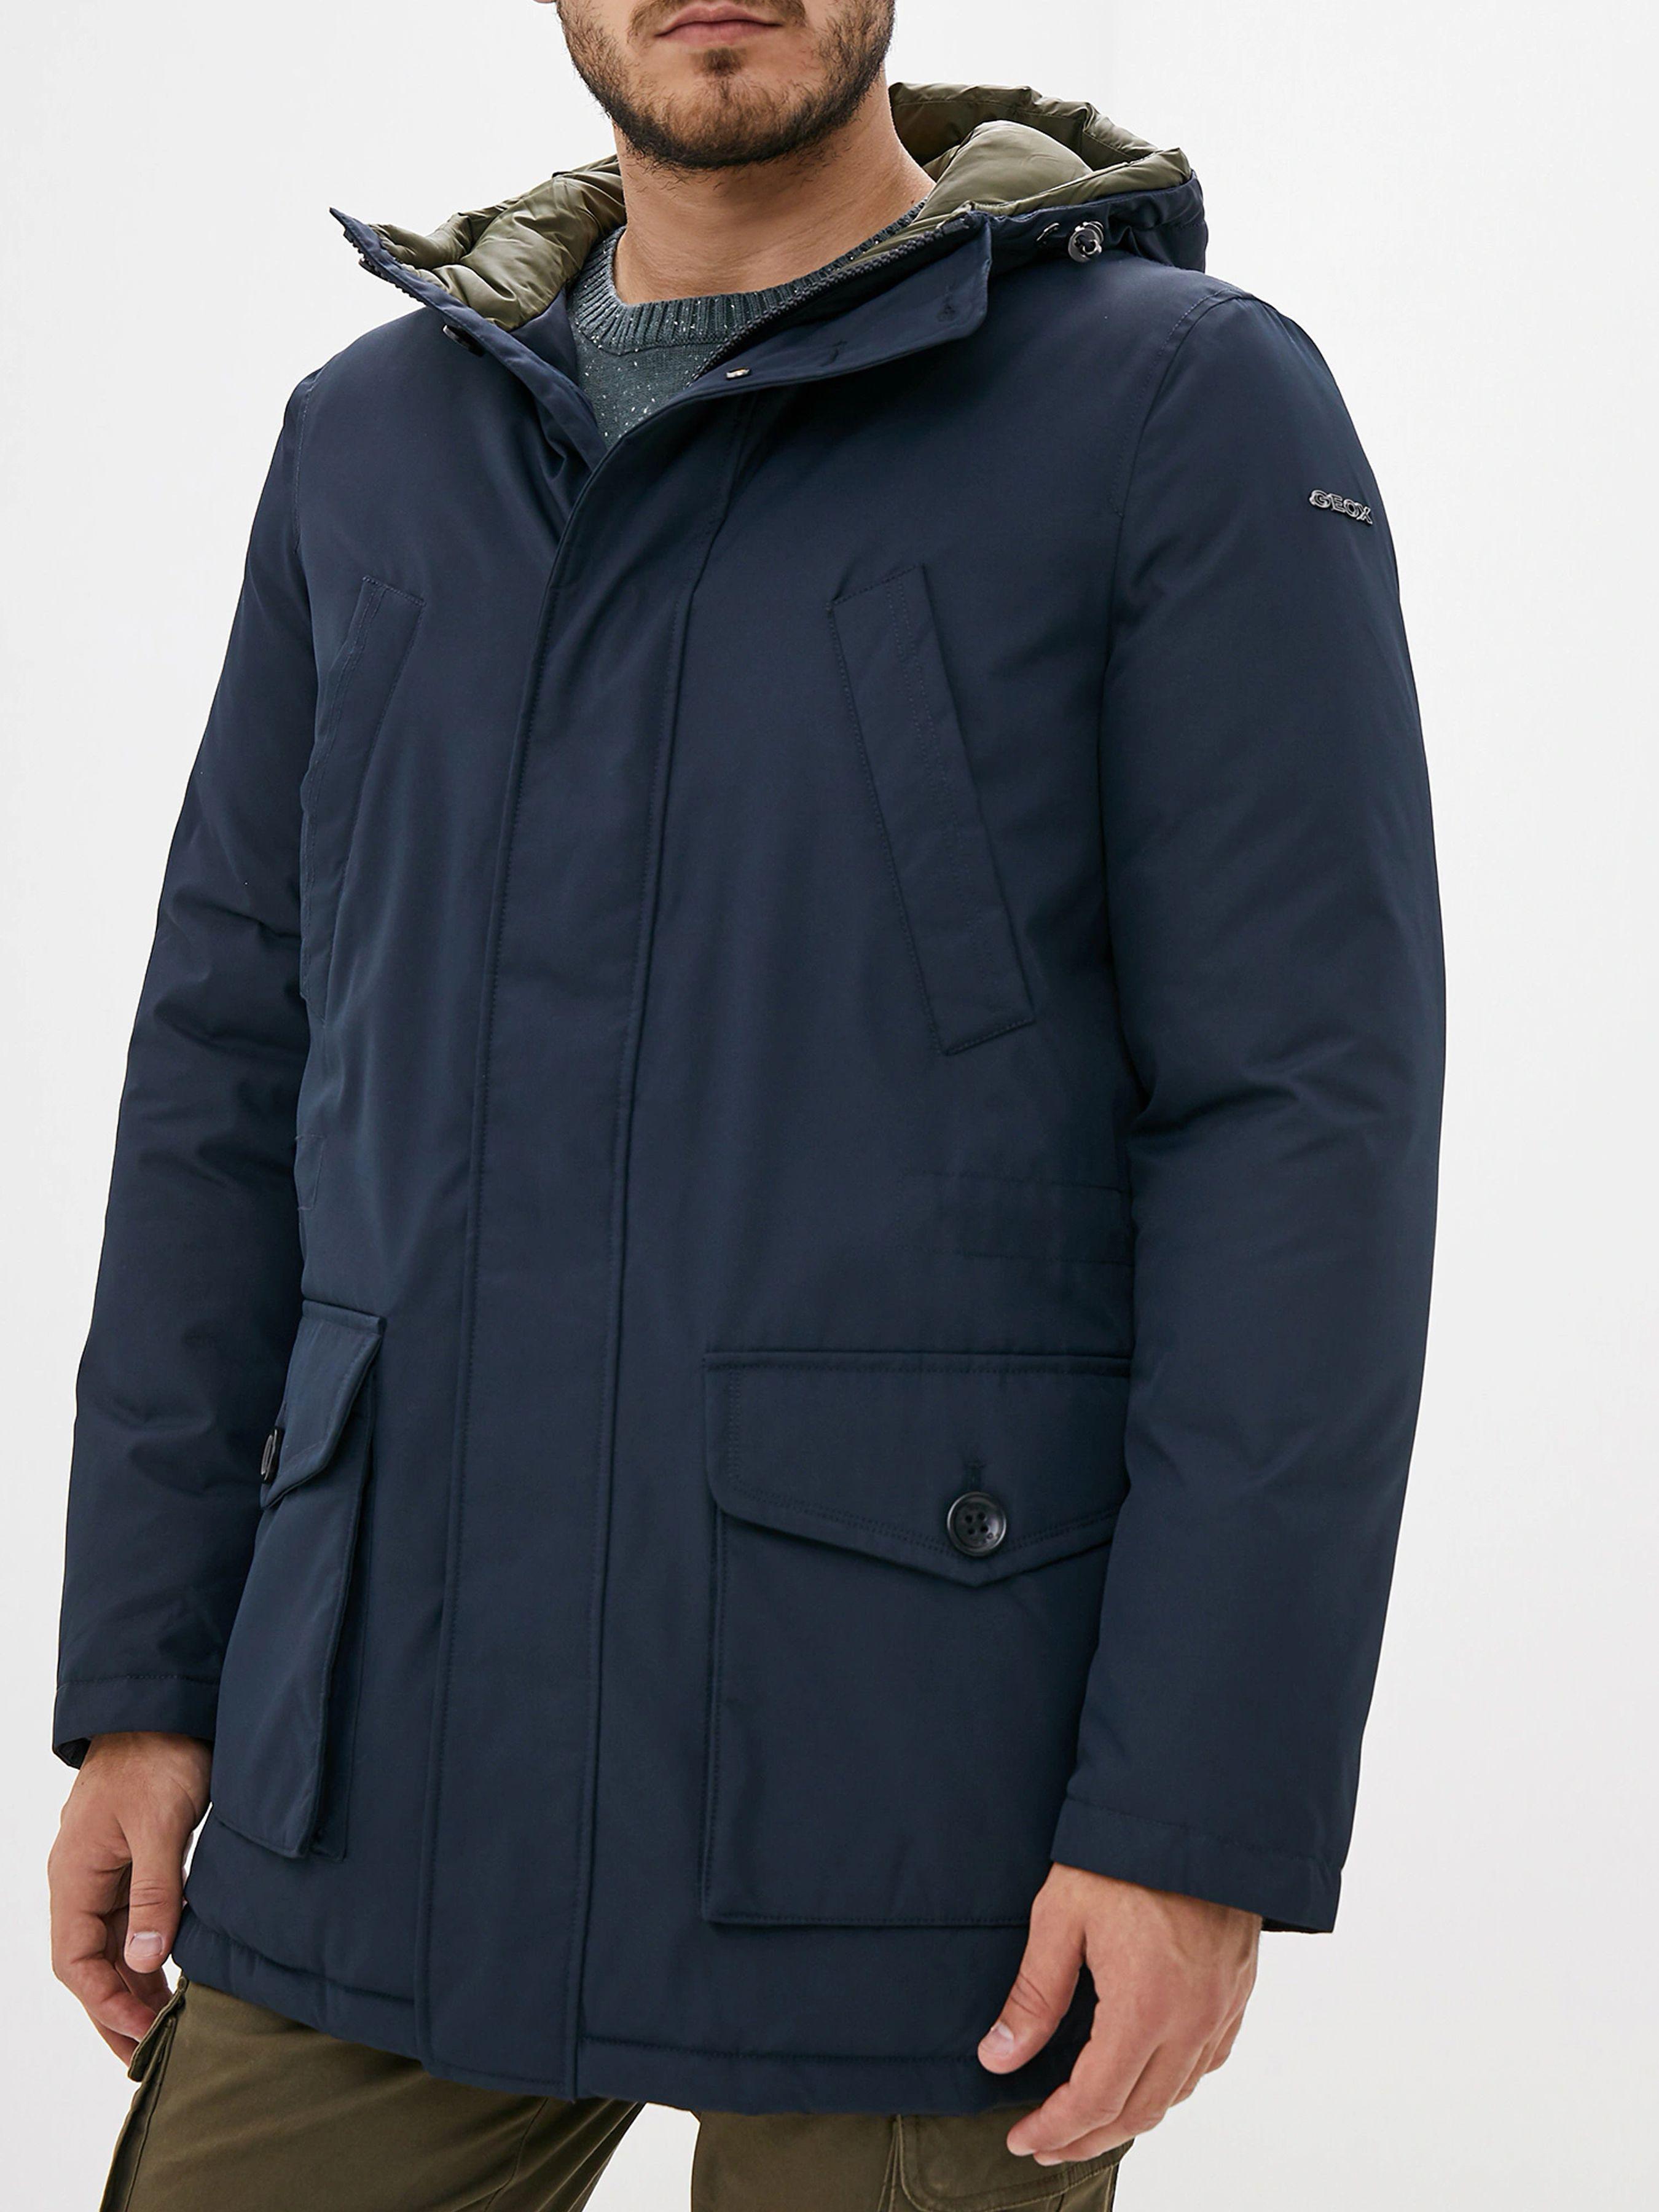 Купить Пальто мужские модель XA6089, Geox, Синий